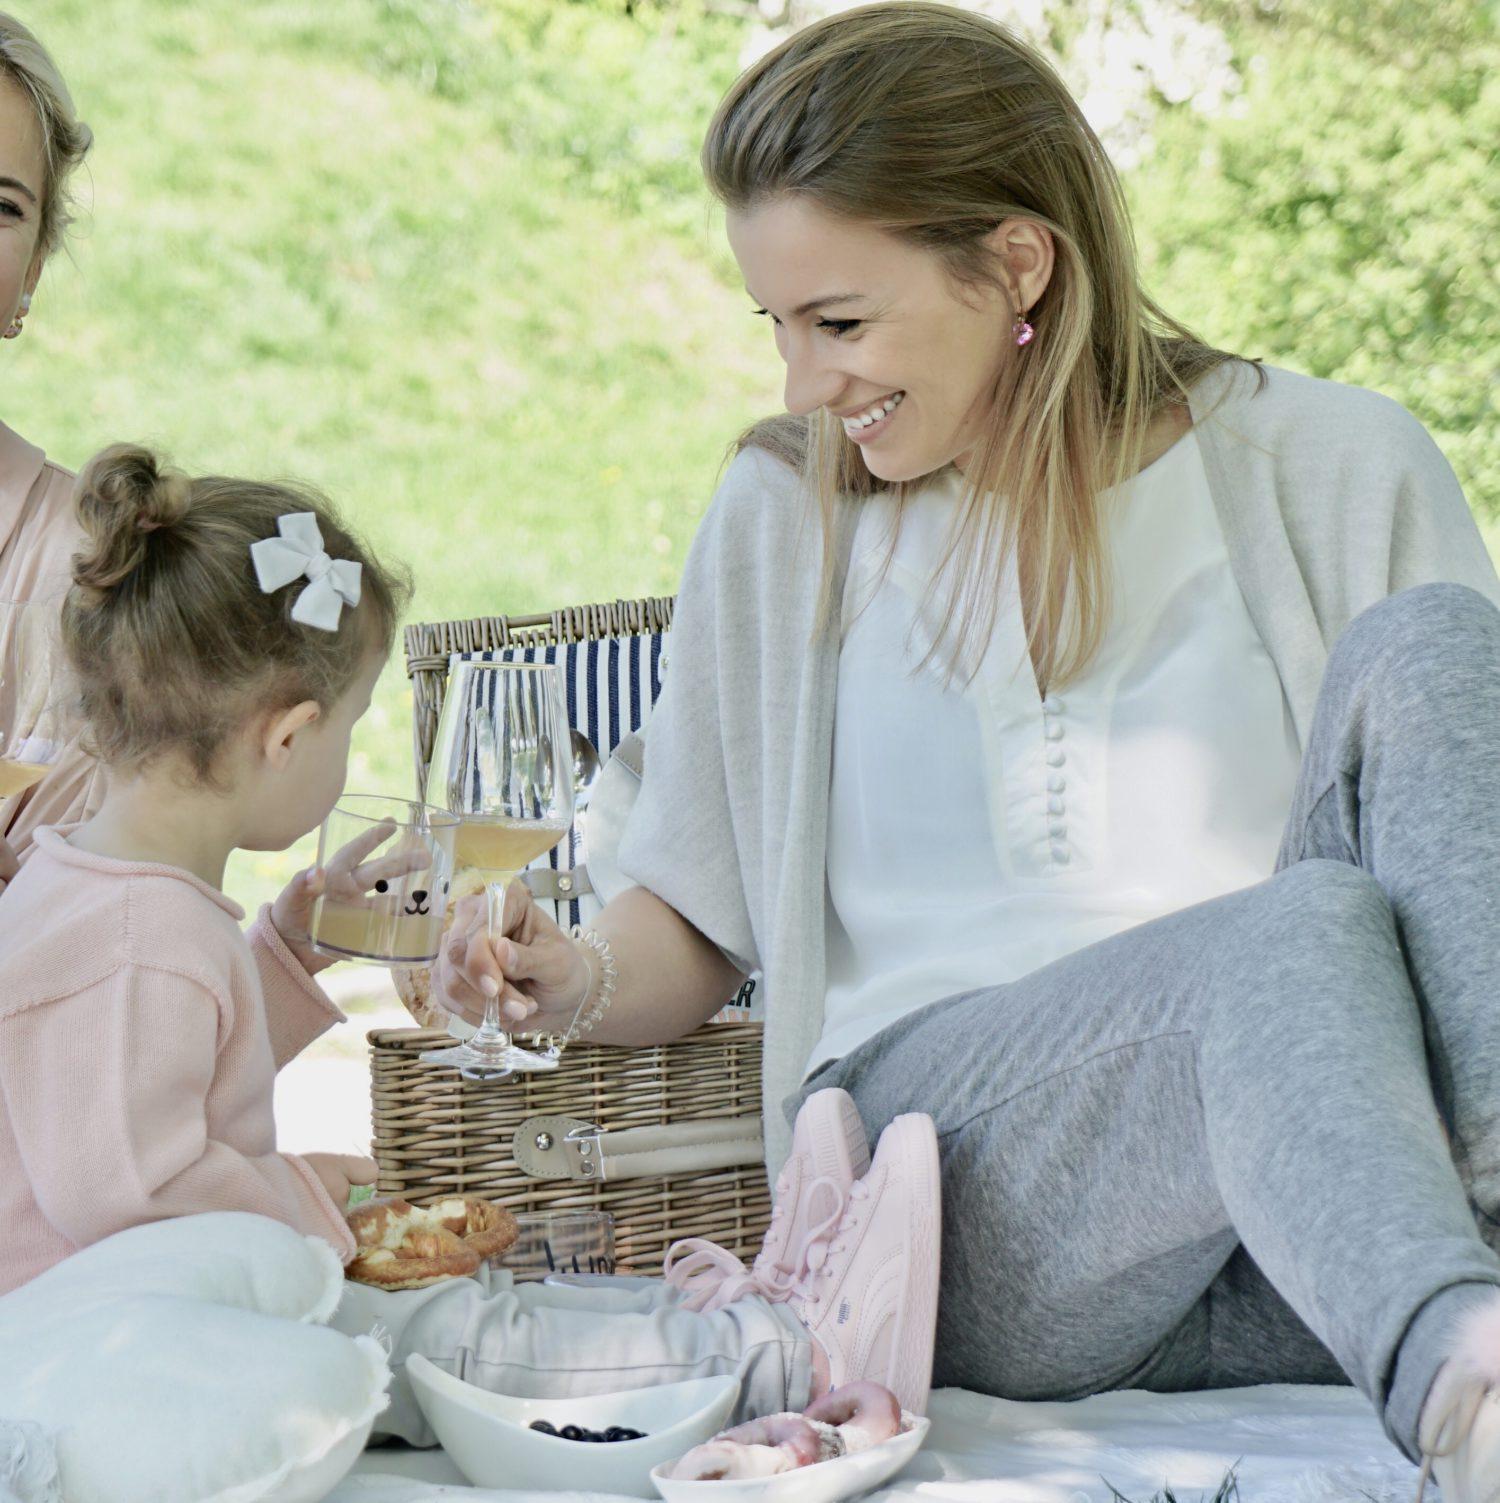 Krippeneingewöhnung Part 2 Mama und Tochter stoßen an